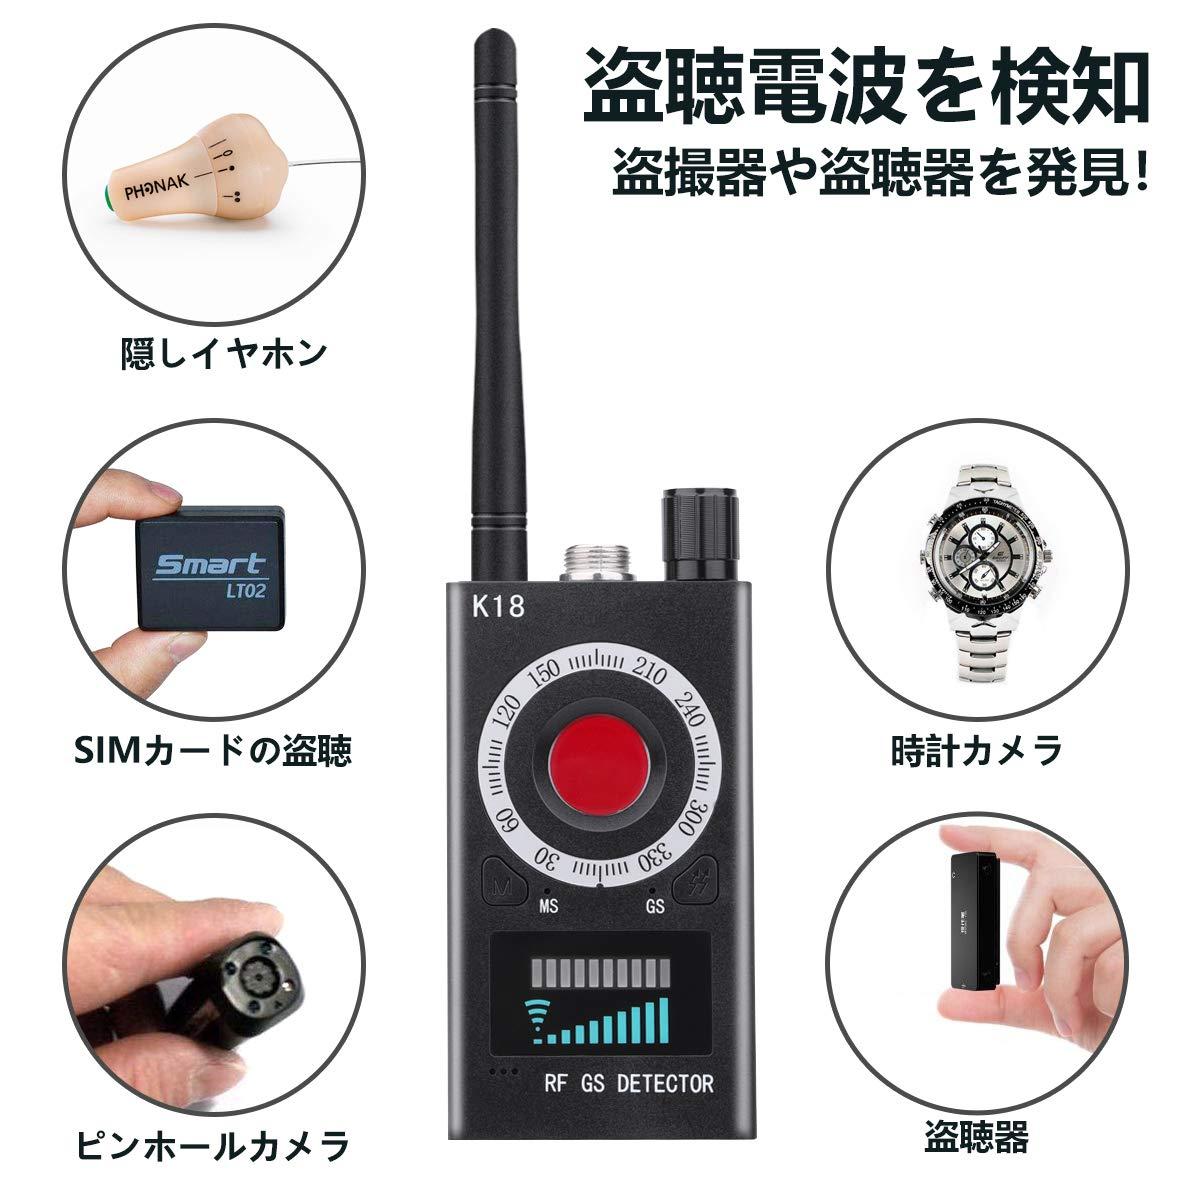 器 発見 器 盗聴 盗聴器の発見業務をするのに、どんな資格が必要ですか?